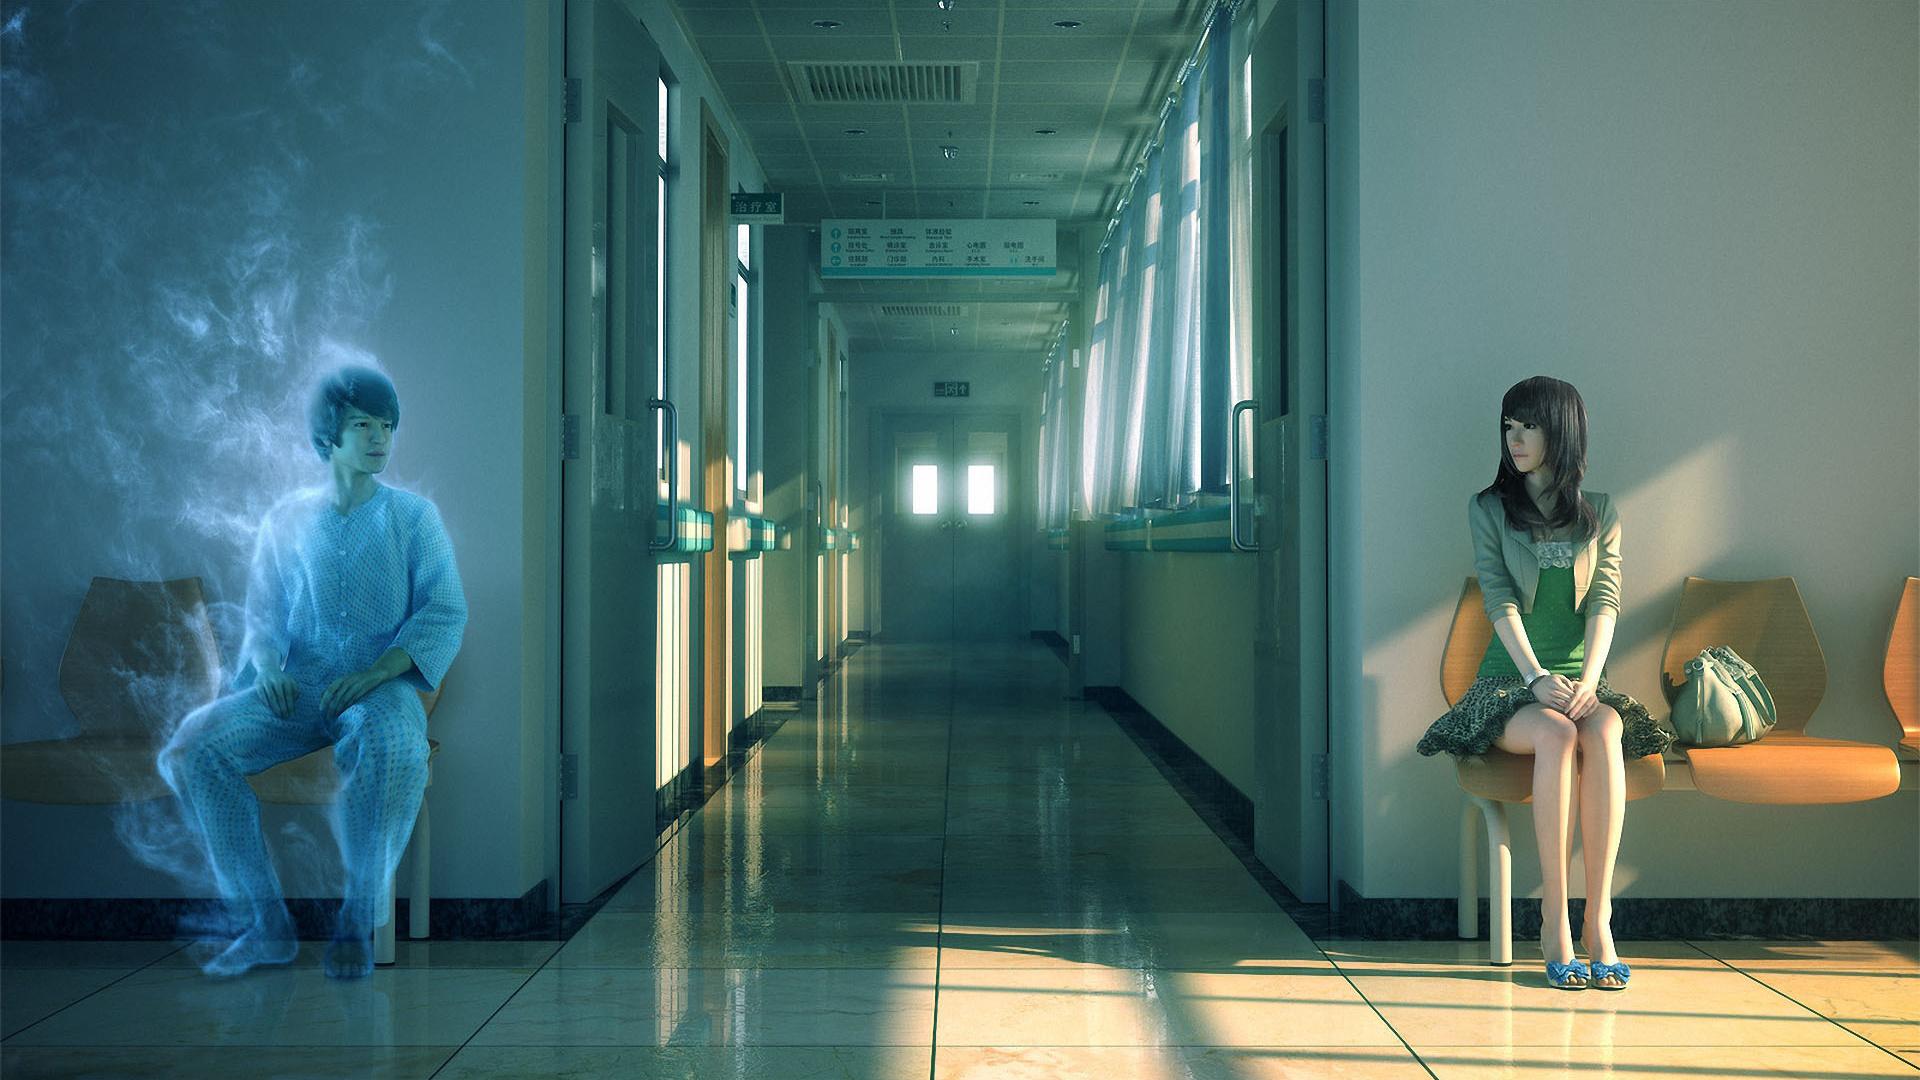 Картинки на аву про больницу